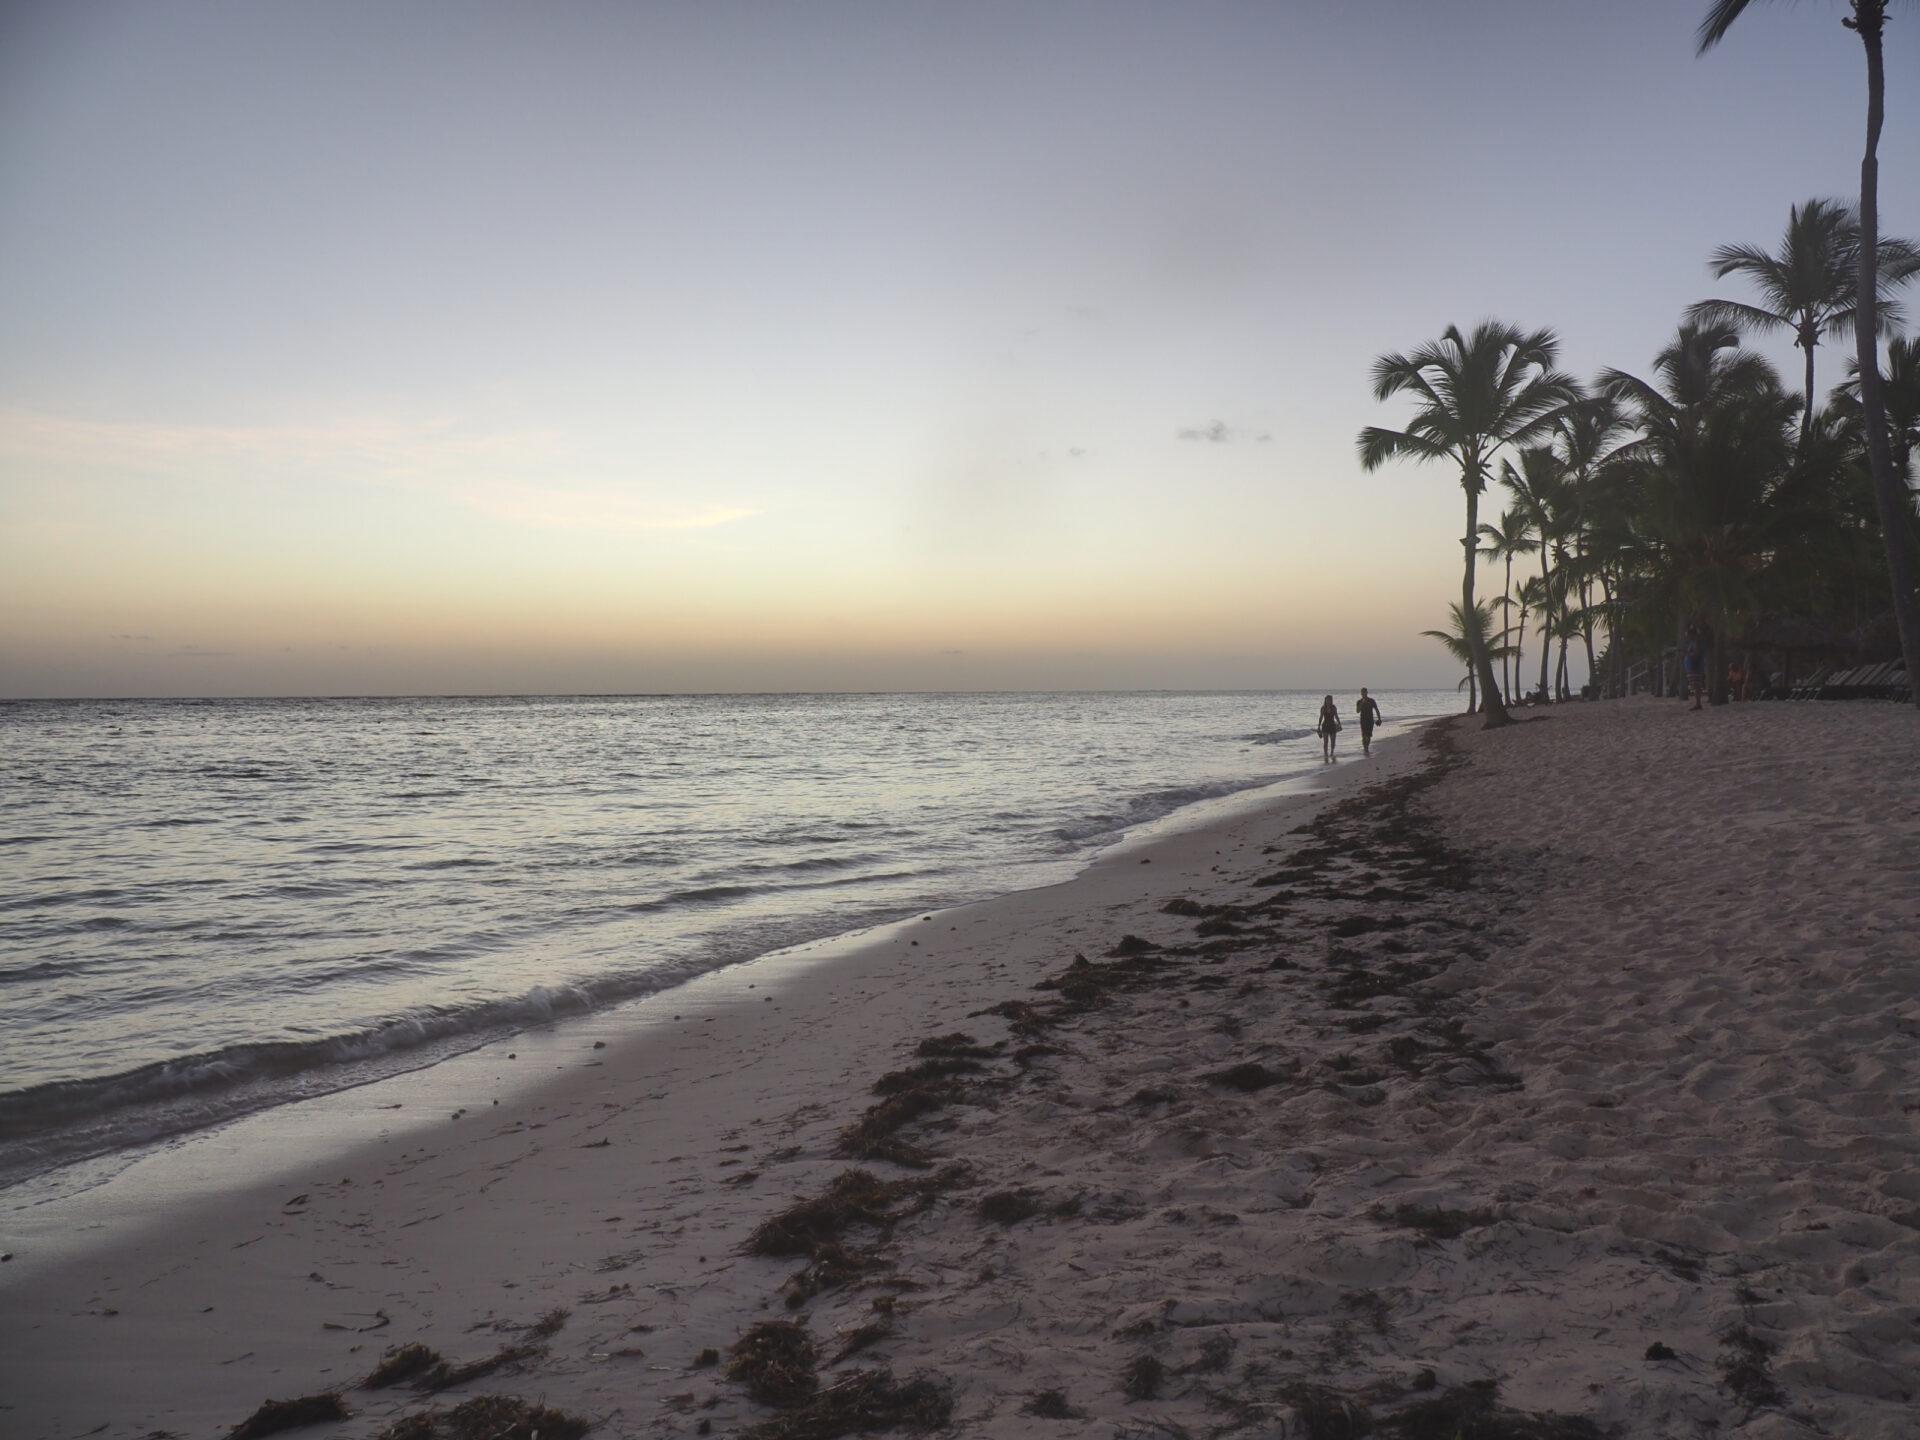 Доминикана ноябрь 2019 -1